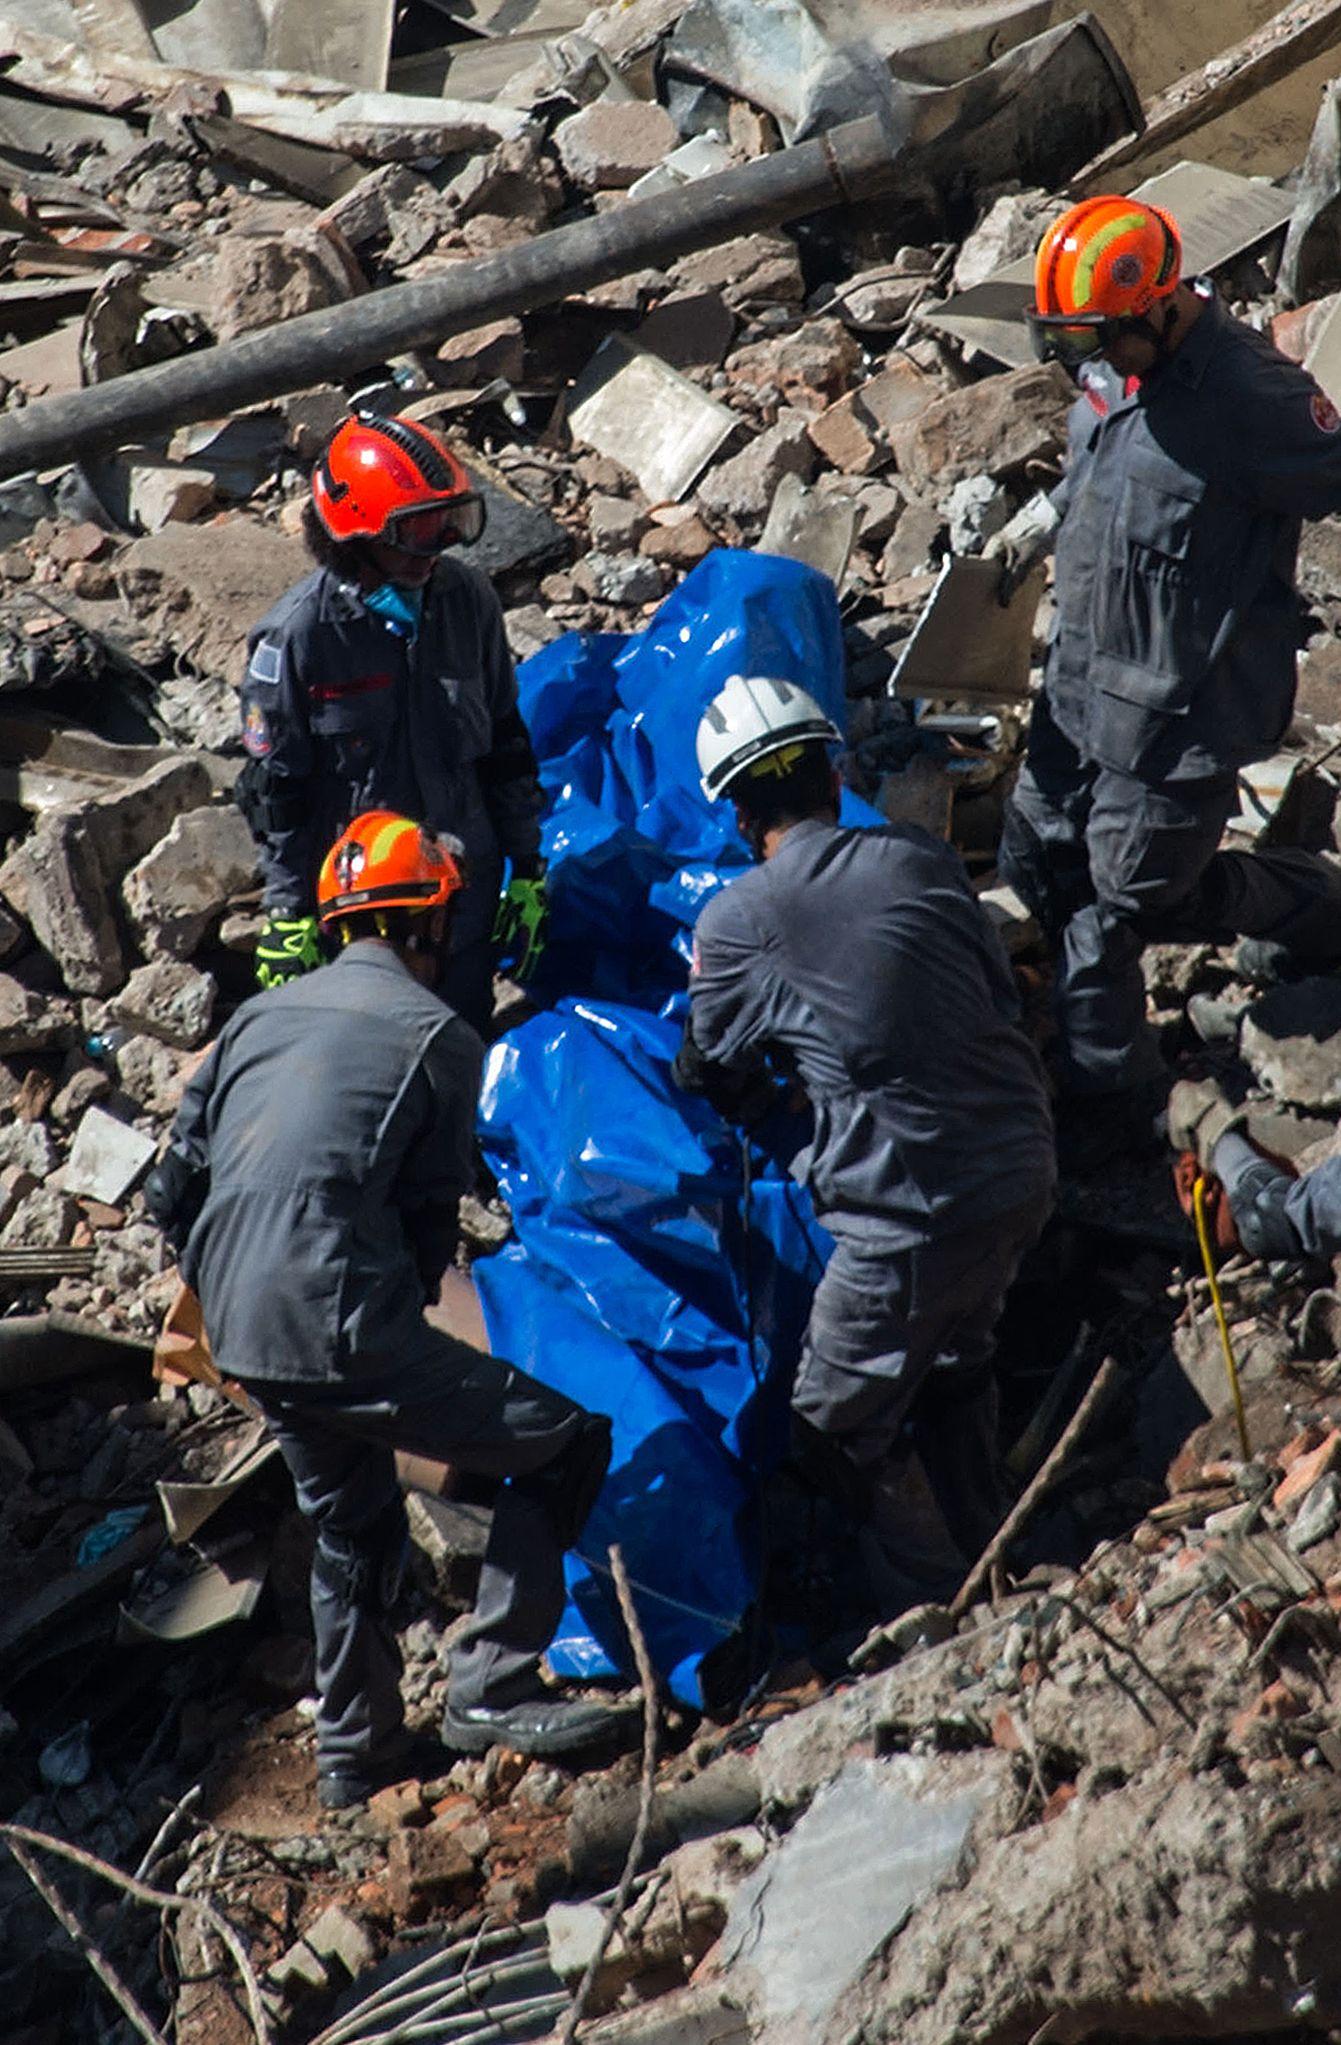 عمال الانقاذ يبحثون عن مفقودين أسفل عقار منهار